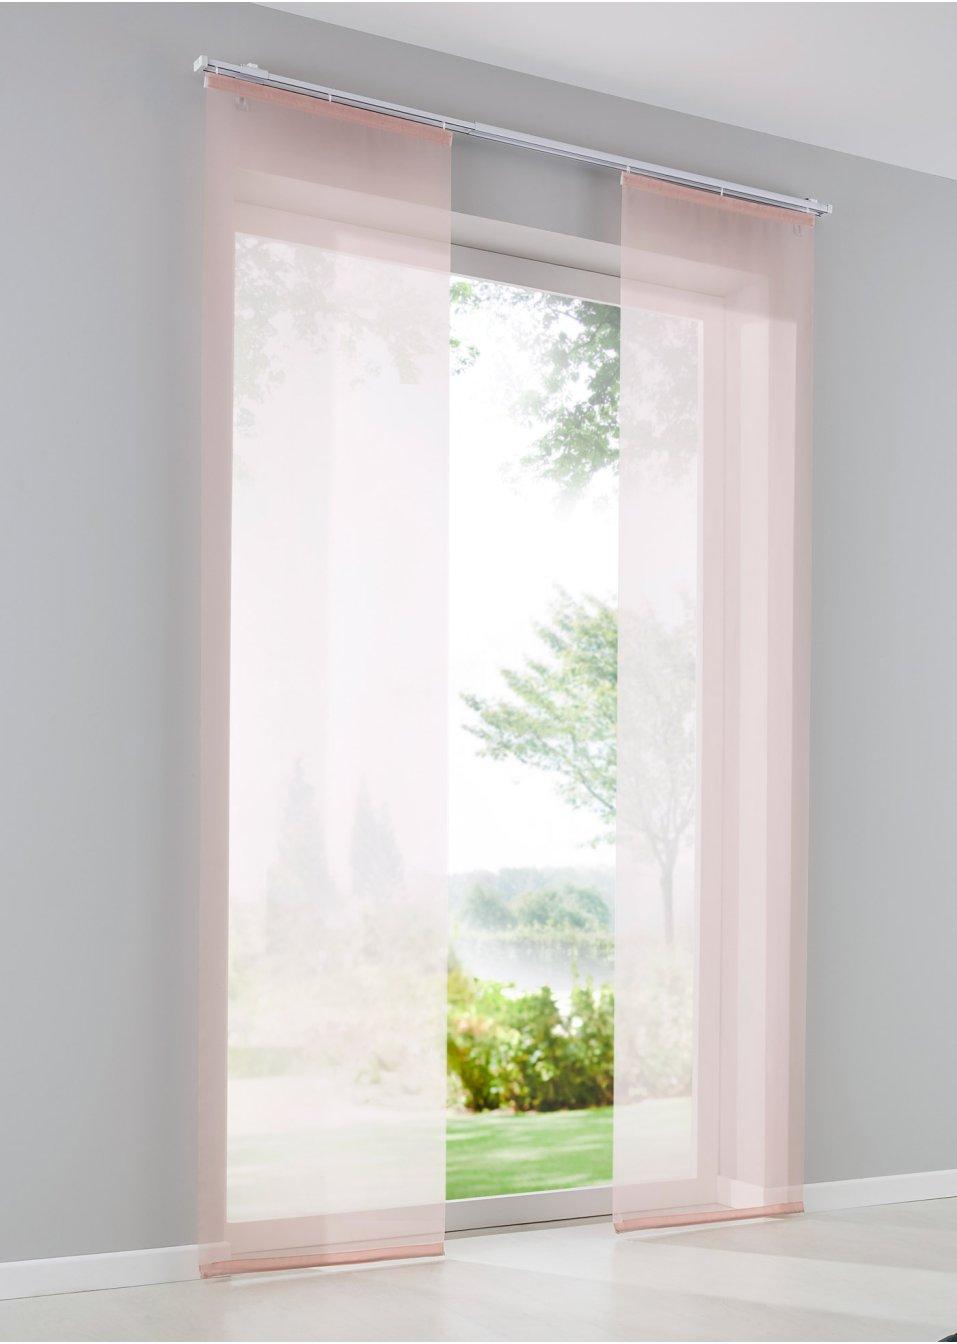 moderne gardinenvorhange eindrucksvollem effekt, schiebegardinen für stilvolle lichteffekte | bonprix, Design ideen